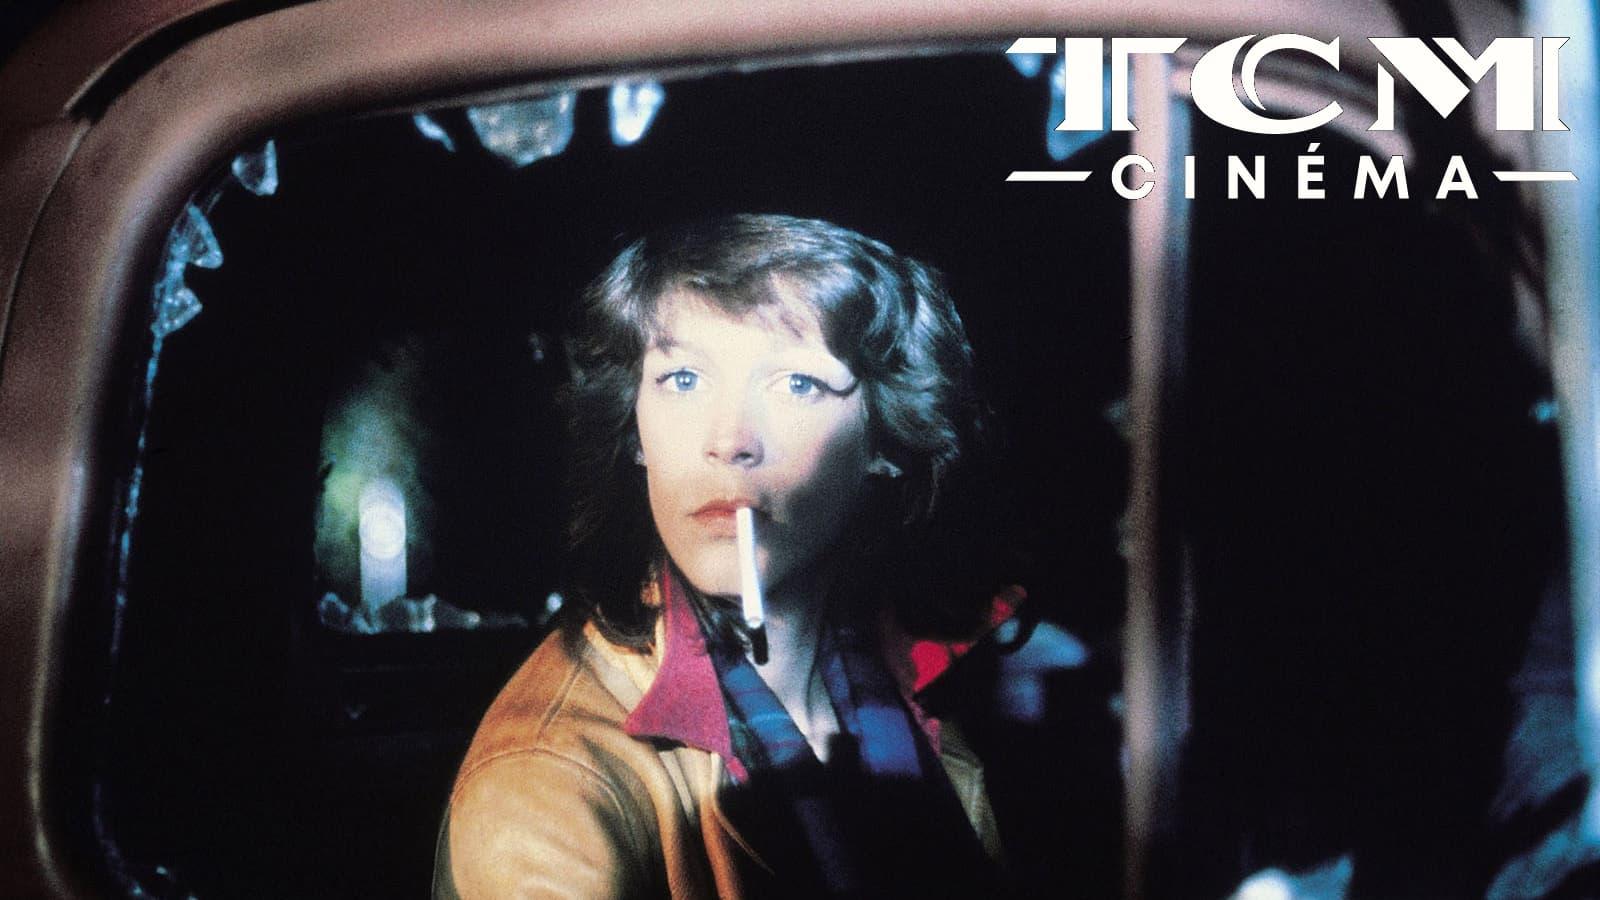 En octobre, retrouvez Jamie Lee Curtis sur TCM Cinéma